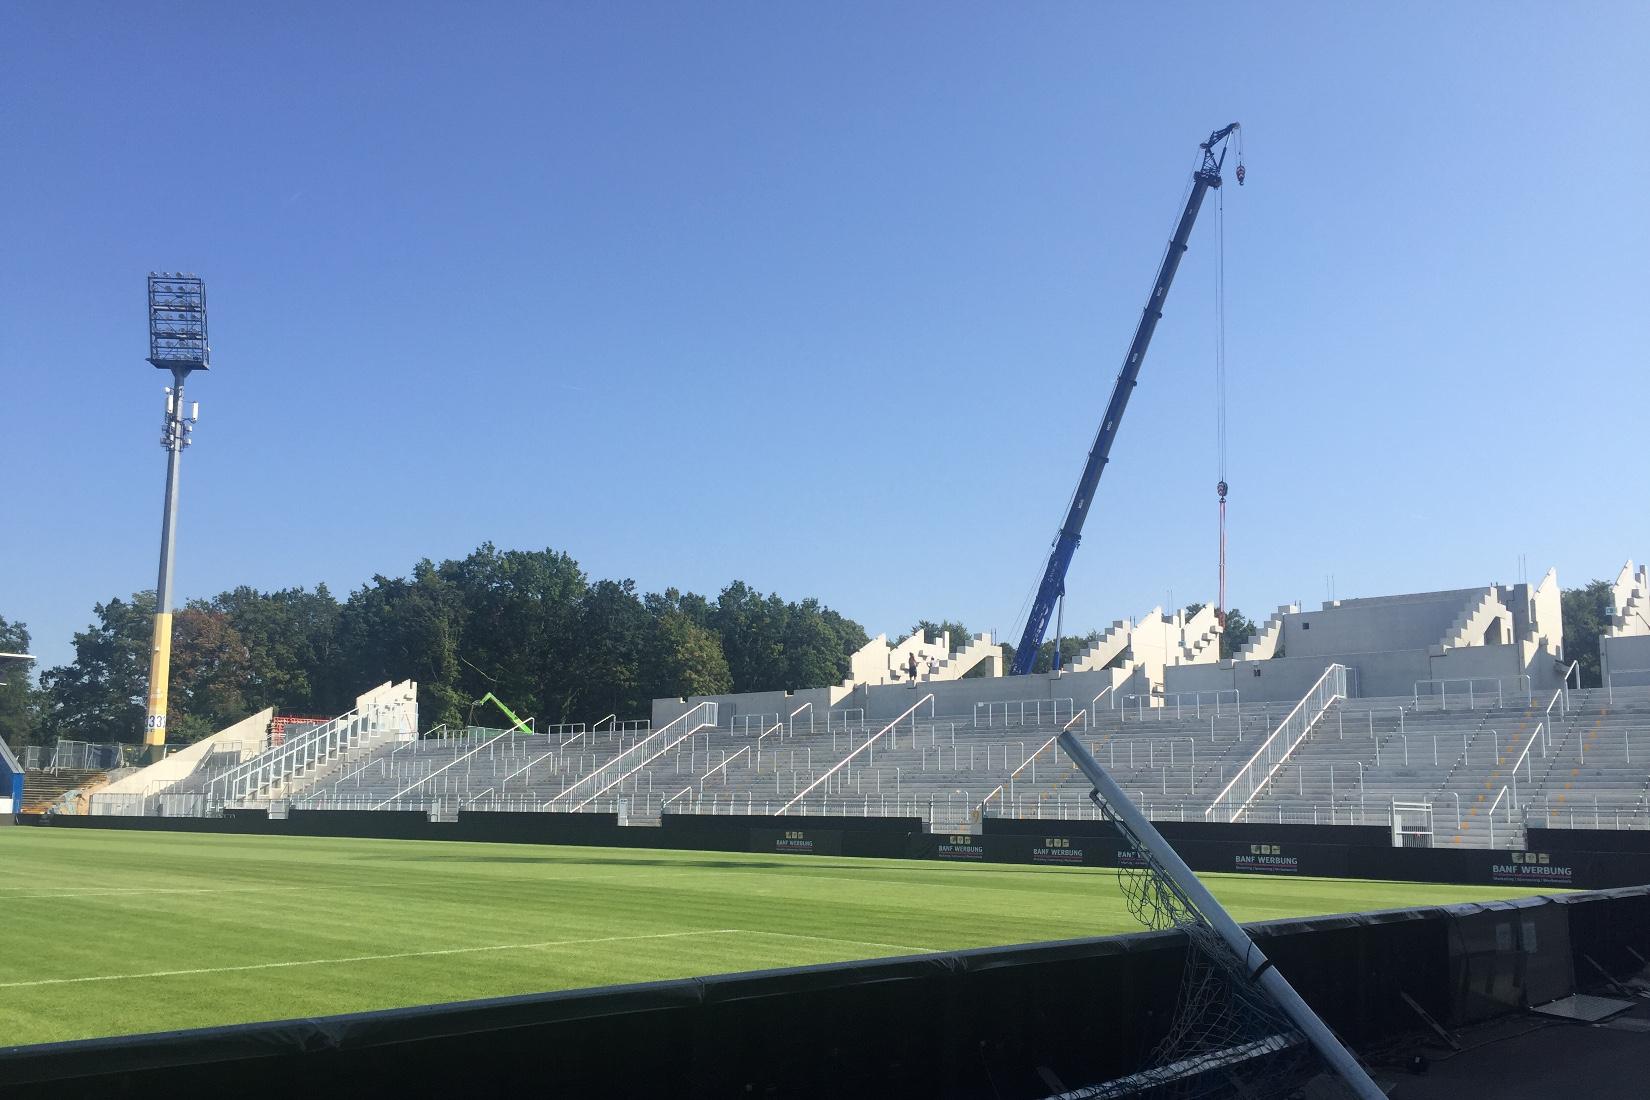 Stadion: Auch am Samstag wird gearbeitet